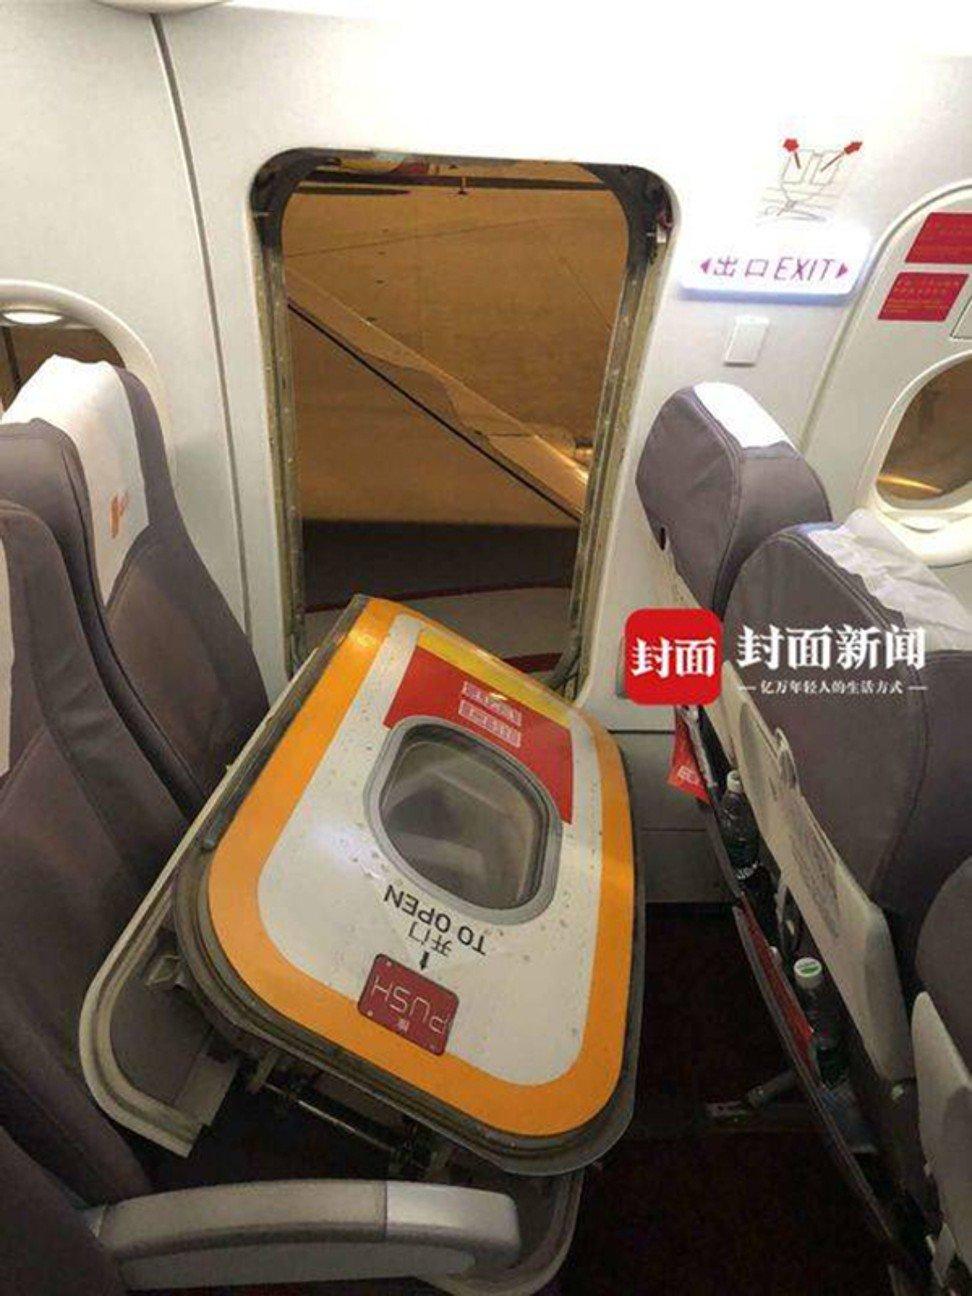 Пассажир самолета открыл аварийный выход, чтобы «впустить свежий воздух»